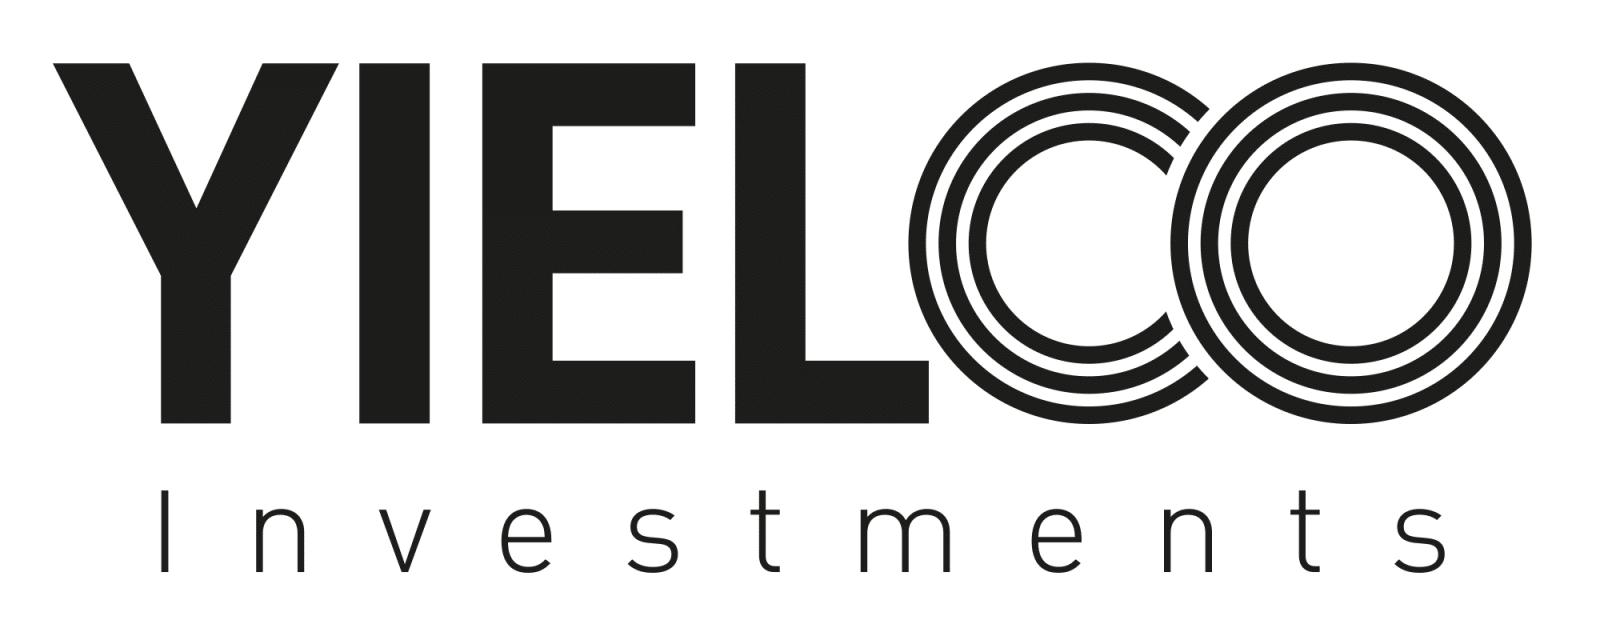 planx-LogoDesign-YIELCO